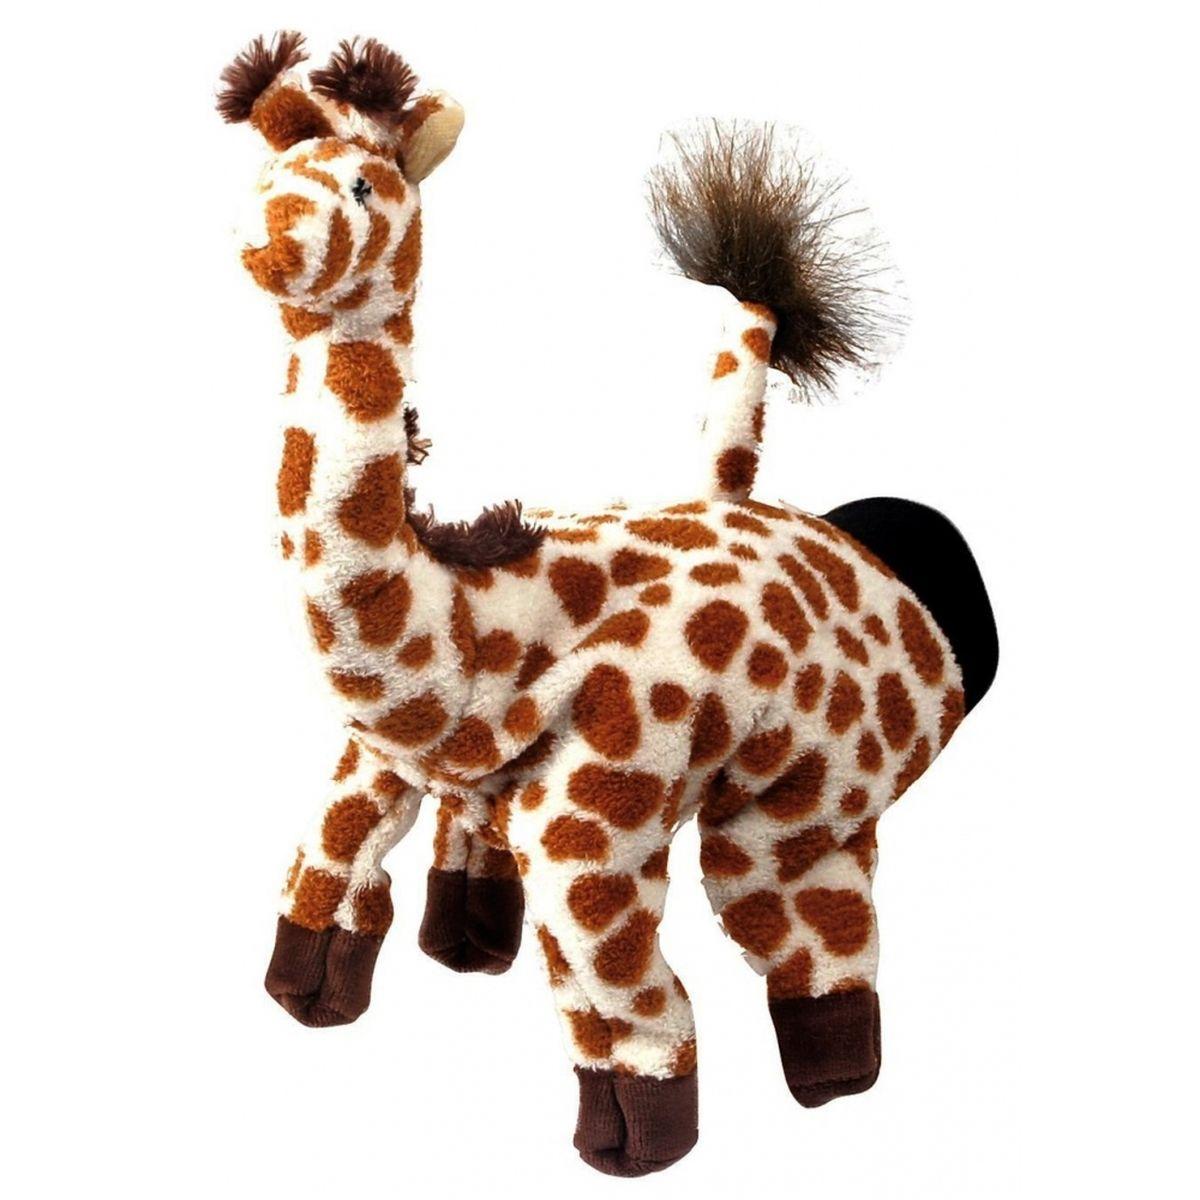 Beleduc Кукла на руку Жираф40103Плюшевая игрушка «Жираф» - это очаровательная мягкая игрушка, выполненная в виде забавного зверька, вызовет умиление и улыбку у каждого, кто ее увидит. Она станет замечательным подарком, как ребенку, так и взрослому. Игрушка удивительно приятна на ощупь и способствуют развитию мелкой моторики рук малыша. Мягкая игрушка может стать милым подарком, а может быть и лучшим другом на все времена. Способствует развитию логического и образного мышления, учит различать предметы по цвету и размеру, развивает мелкую моторику рук.